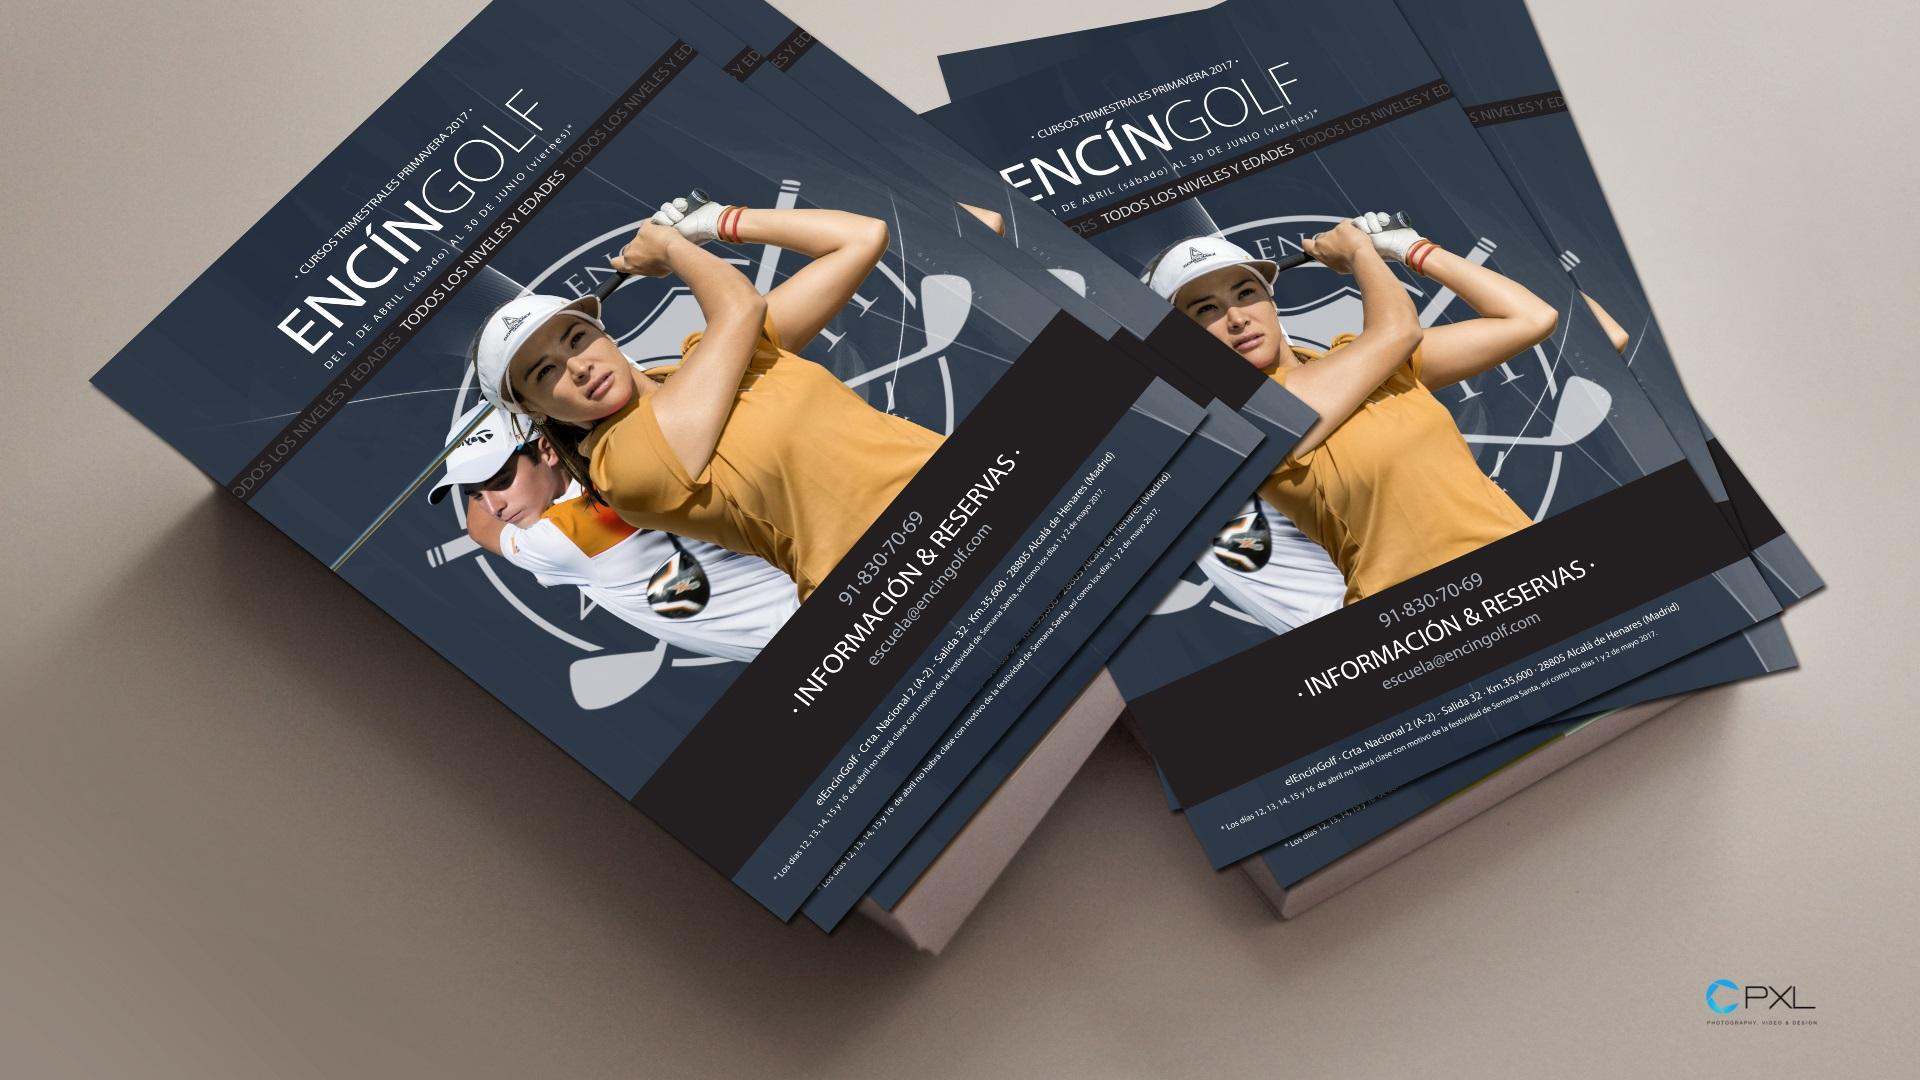 Diseño dípticos para cursos trimestrales escuela de golf (Encín Golf Hotel)